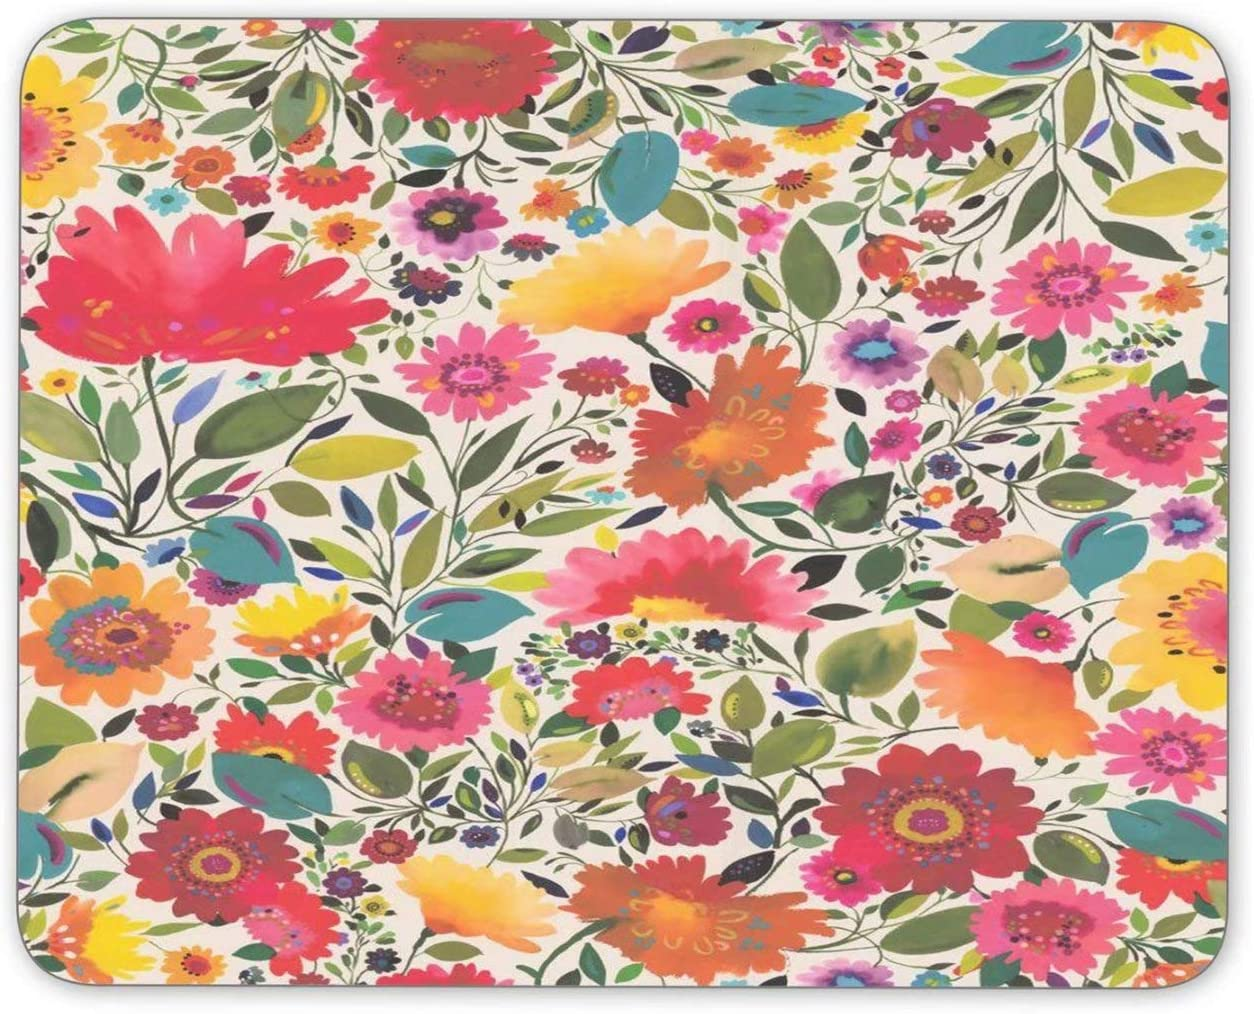 Mouse Pad Flower Bush Rectangle Non-Slip Rubber Mouse Mat for Computer Desk Laptop Office